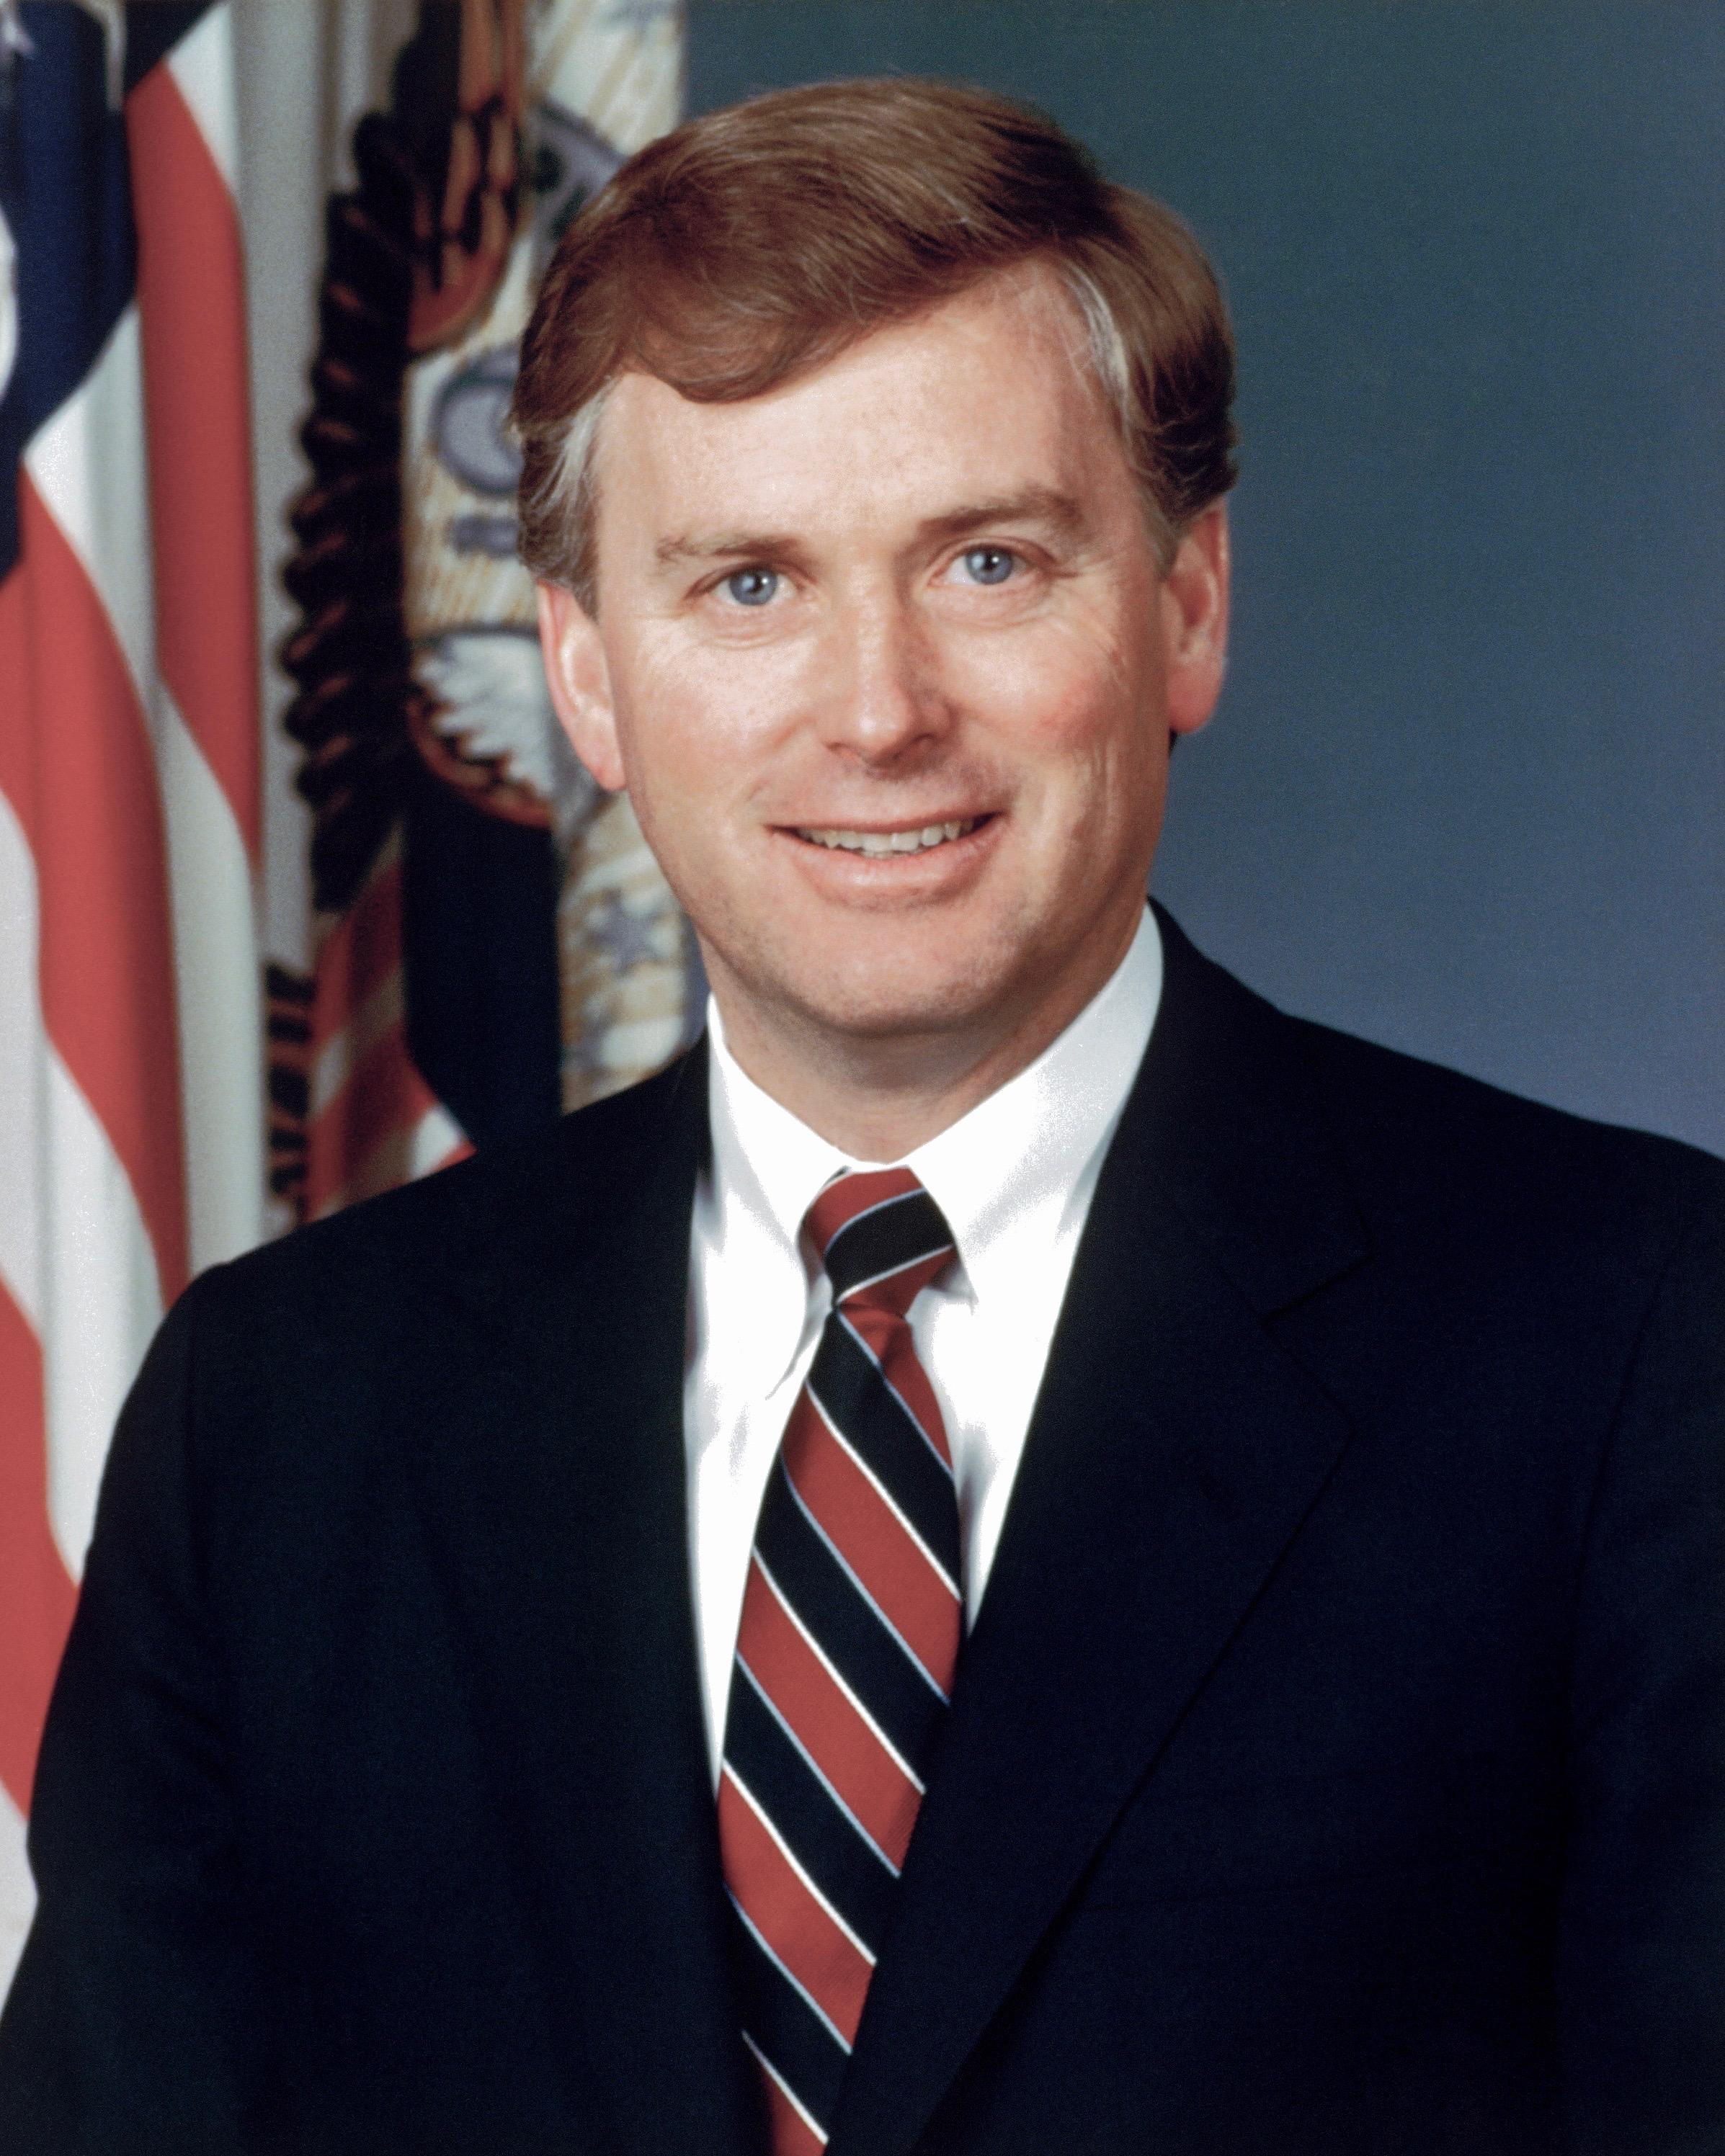 Portrait of Dan Quayle